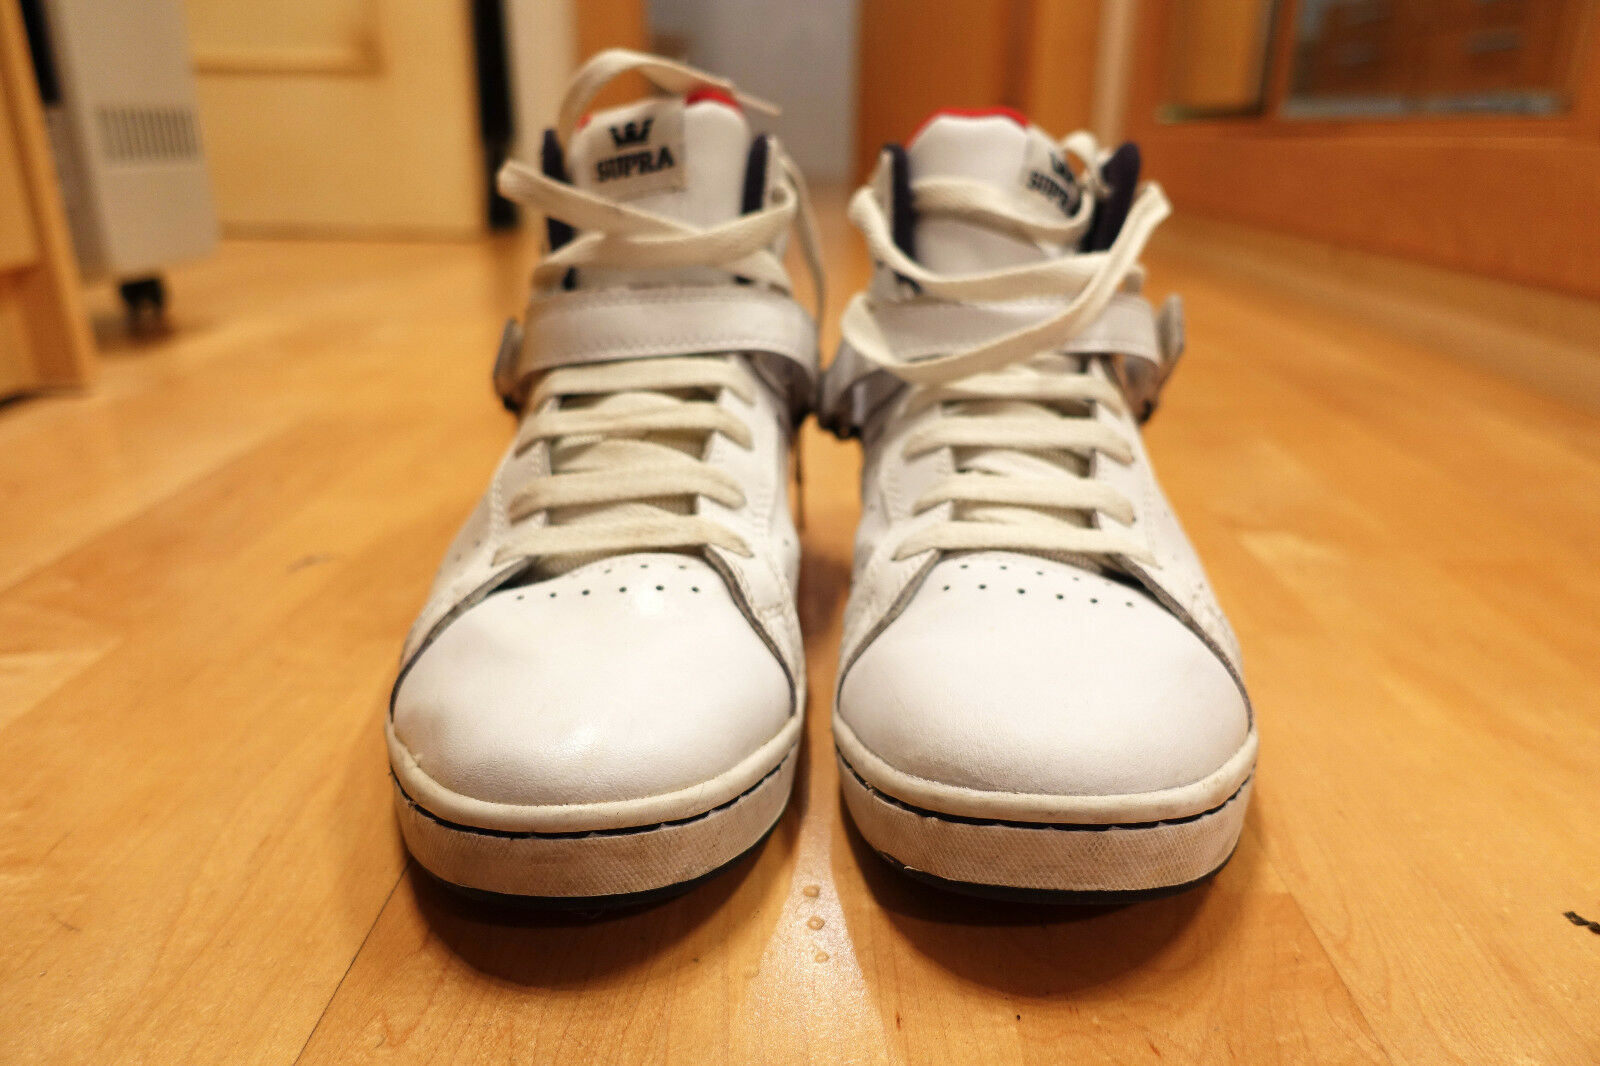 Zapatillas Supra zapatillas US12 UK11 EU46